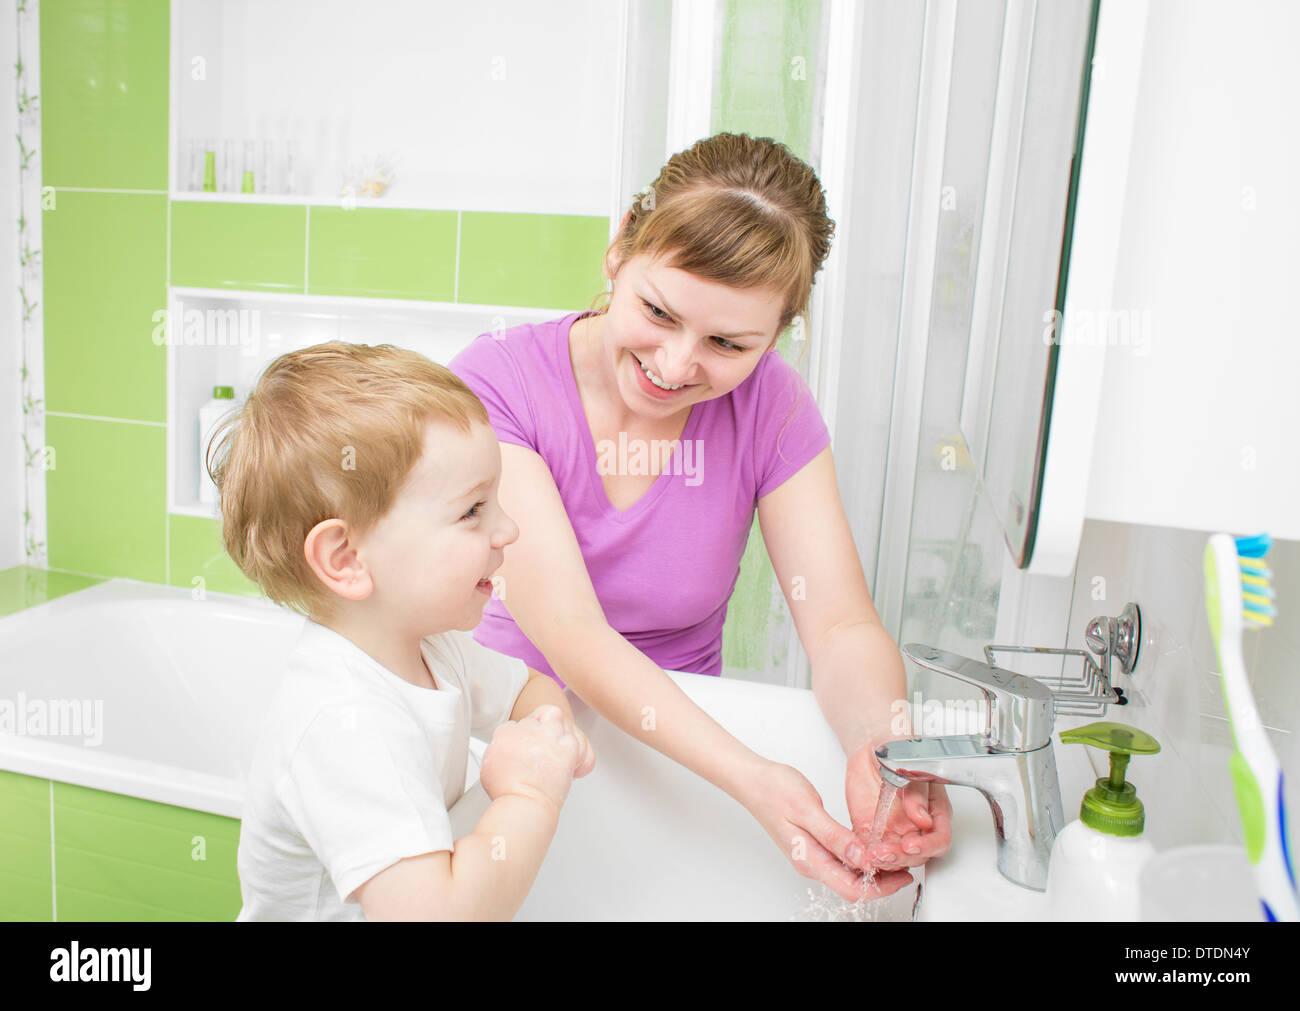 Feliz madre y kid el lavado de manos con jabón juntos en el baño. Foto de stock